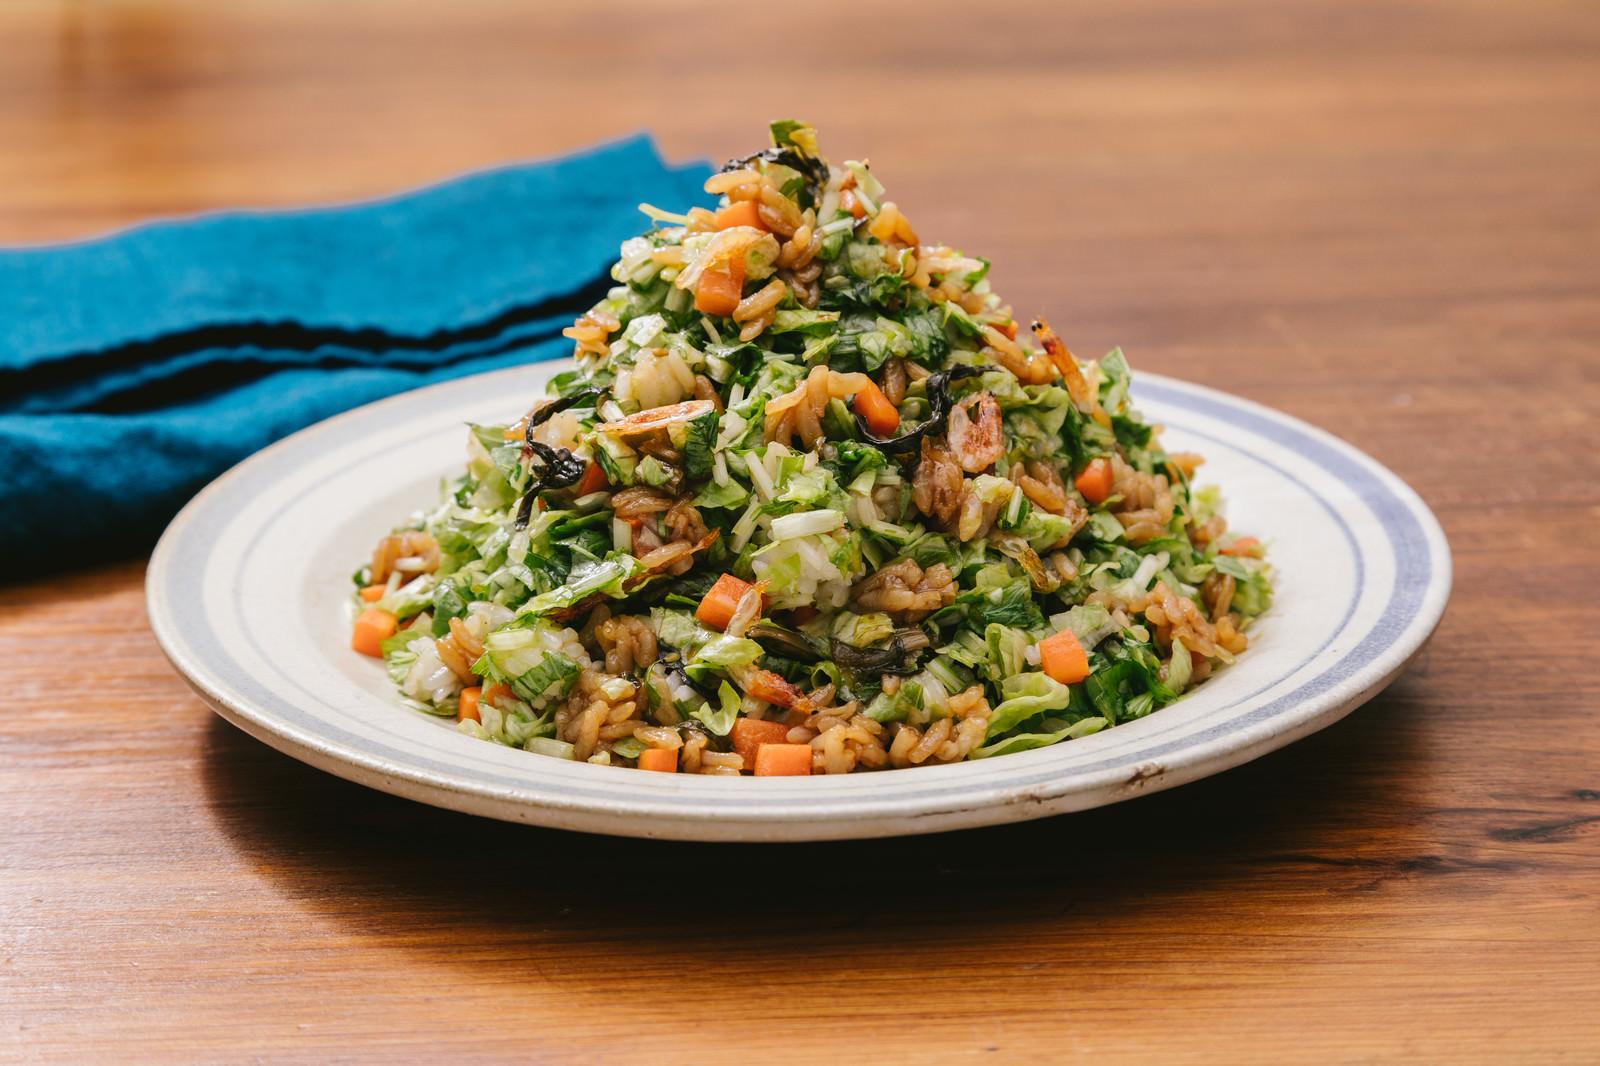 「いっぱい食べても低カロリー「大盛りダイエット高菜チャーハン」いっぱい食べても低カロリー「大盛りダイエット高菜チャーハン」」のフリー写真素材を拡大